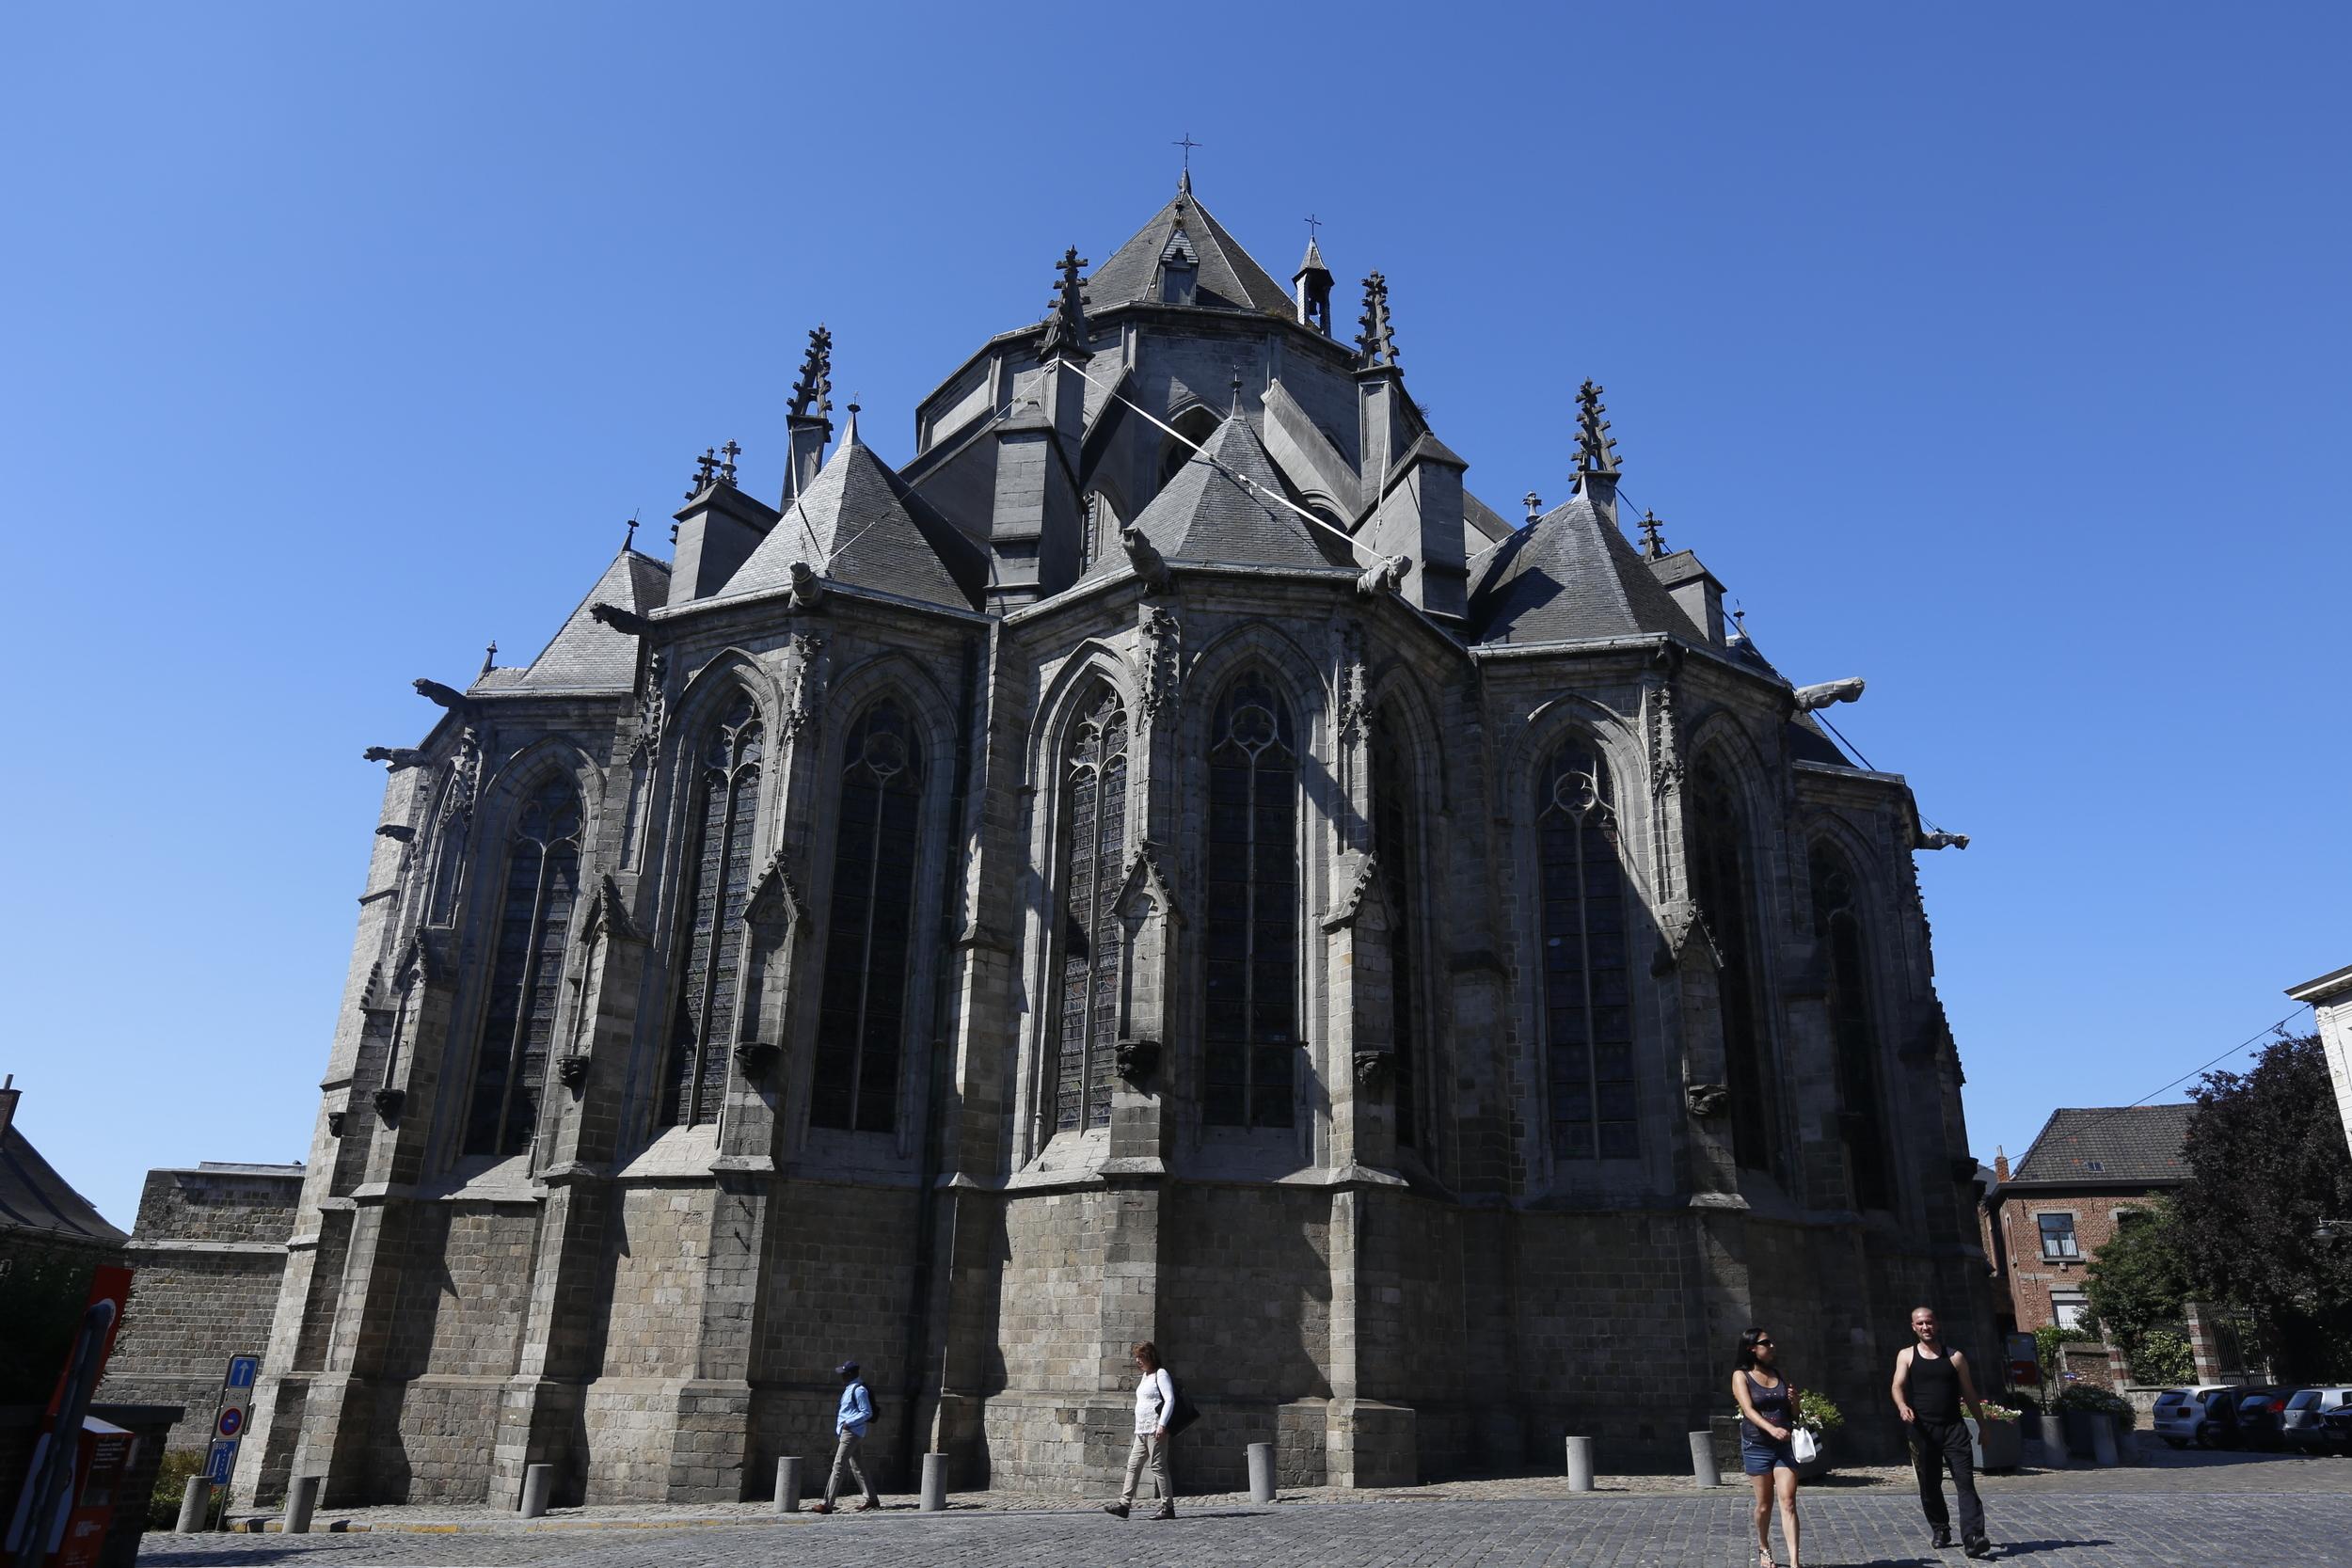 mons, mons cathedral, visit mons, visit belgium, blog, bicycle, bikes, mountain bike, cycle gear, road bikes, road bike, raleigh bikes, bicycles, bike parts, mountain biking